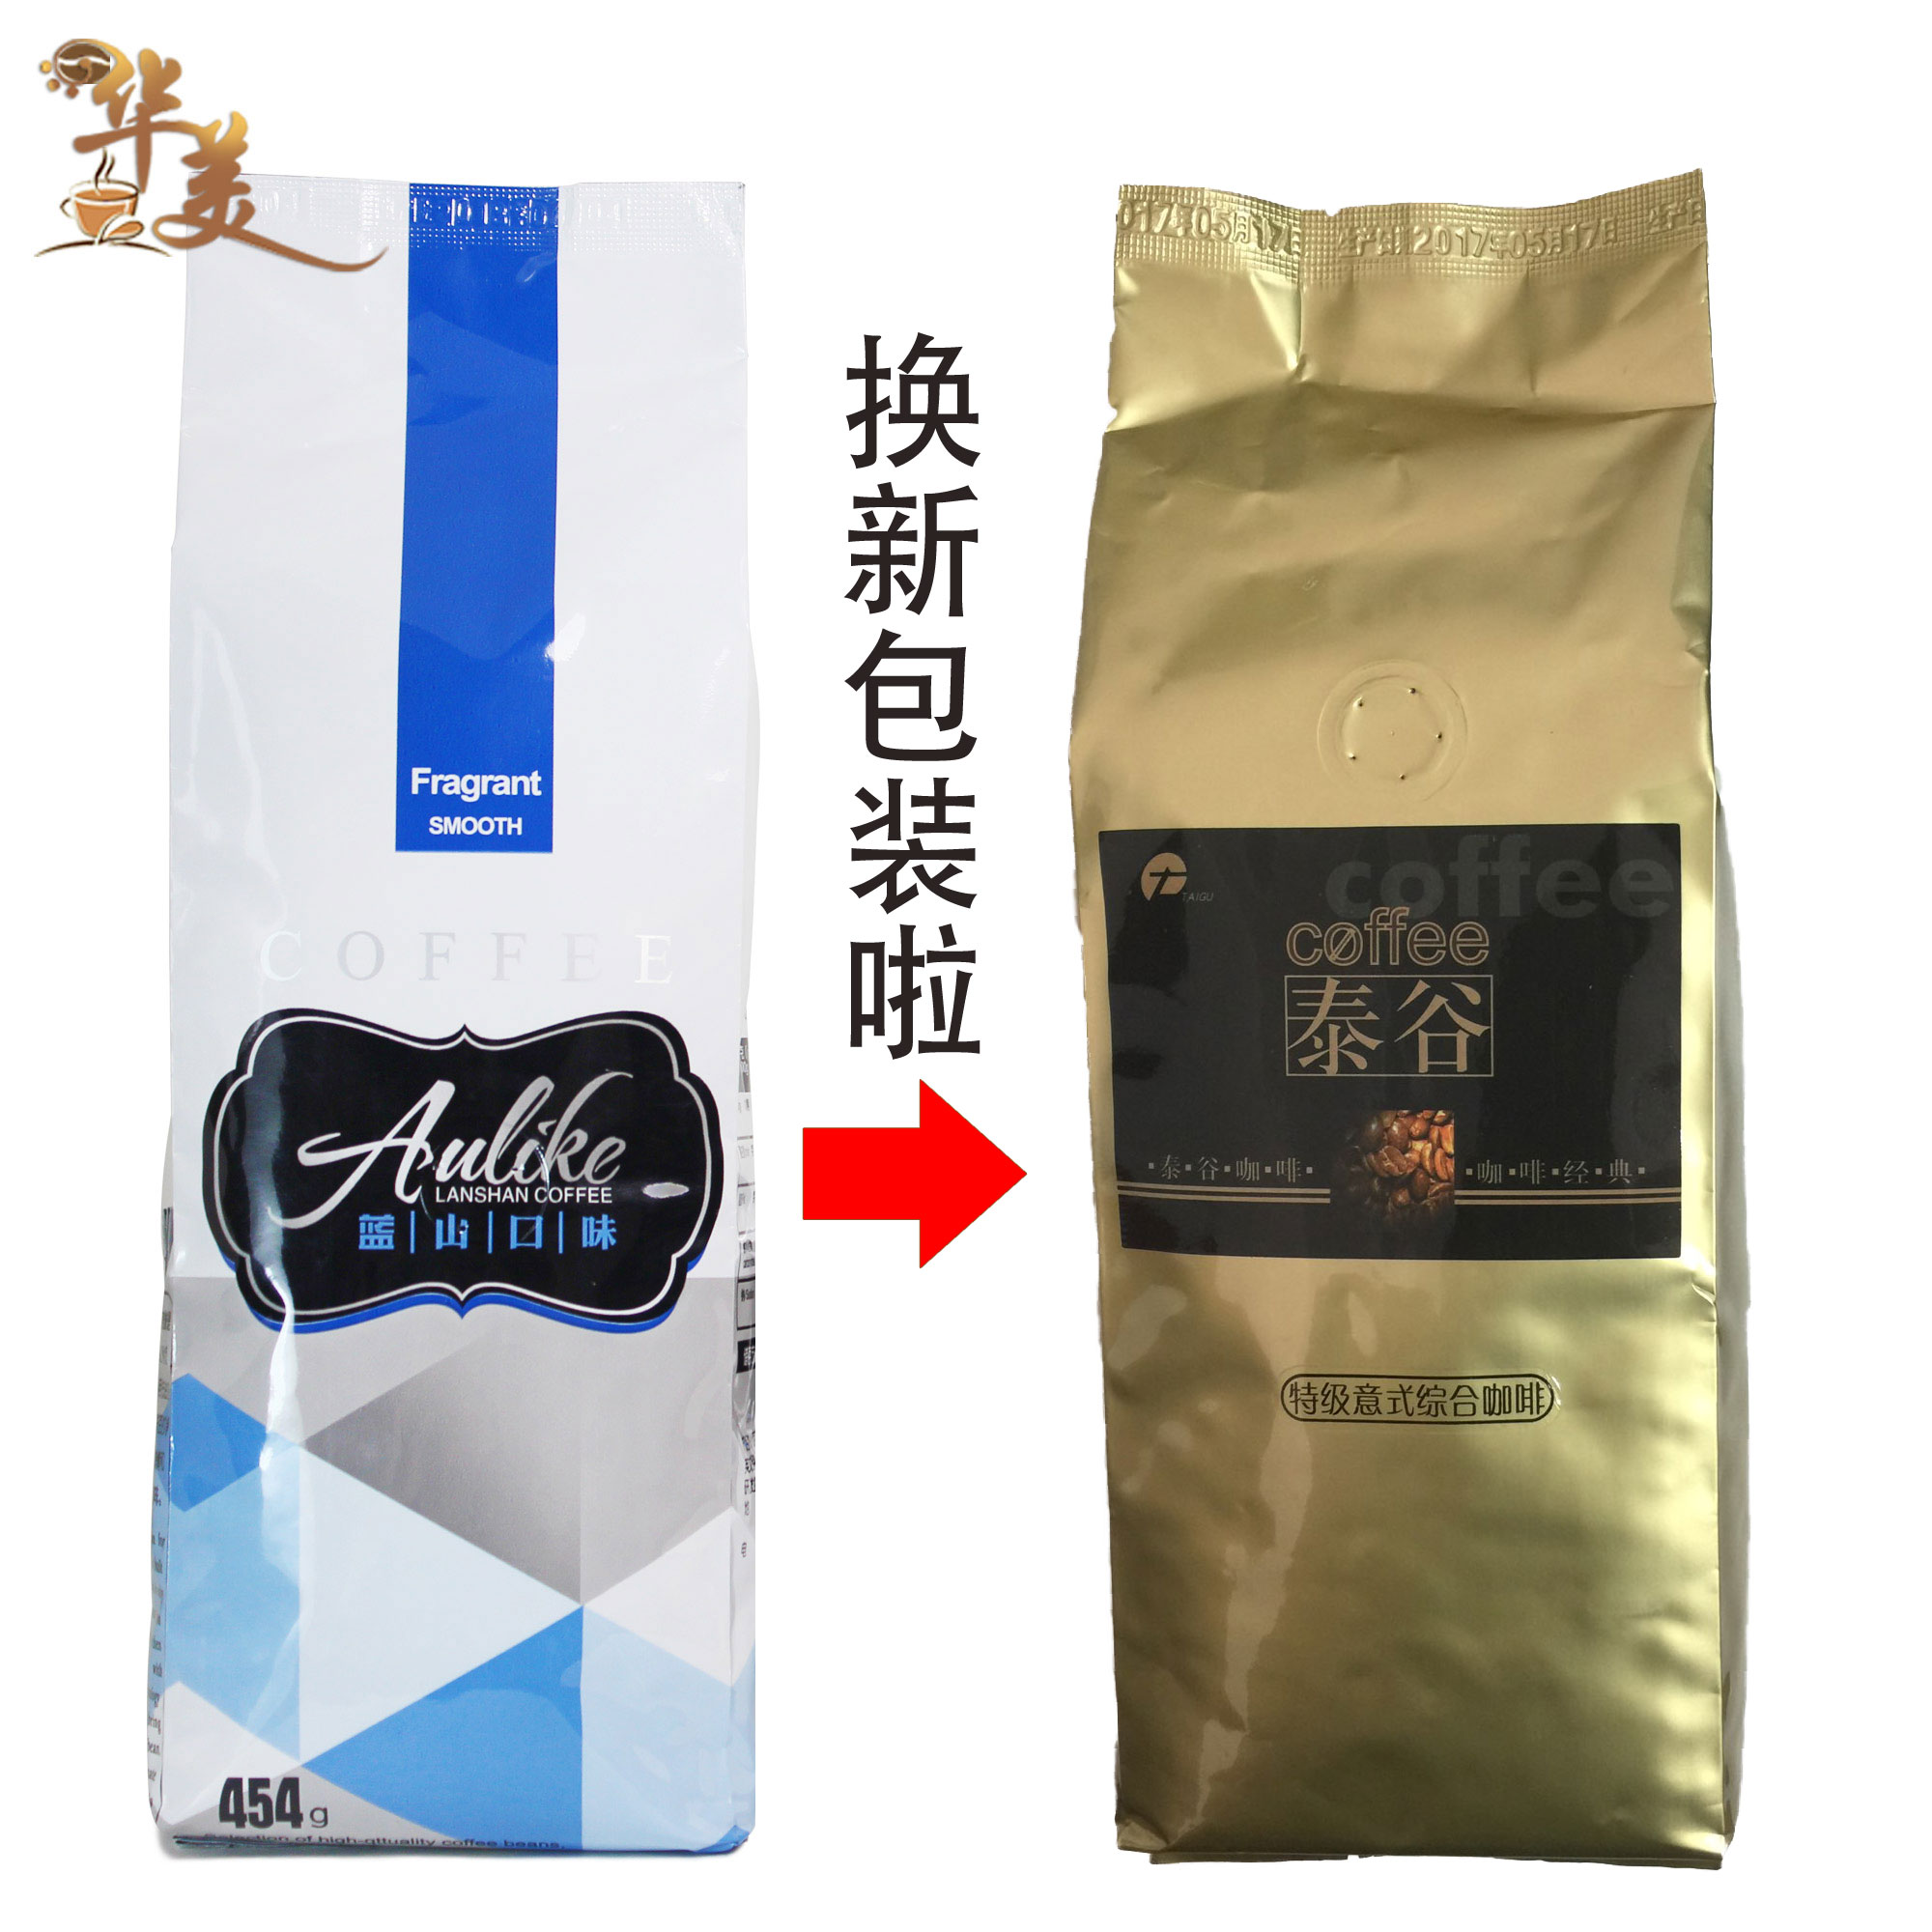 泰谷珍伊特级意式综合咖啡豆500克【原欧莱克咖啡豆】 新日期包邮